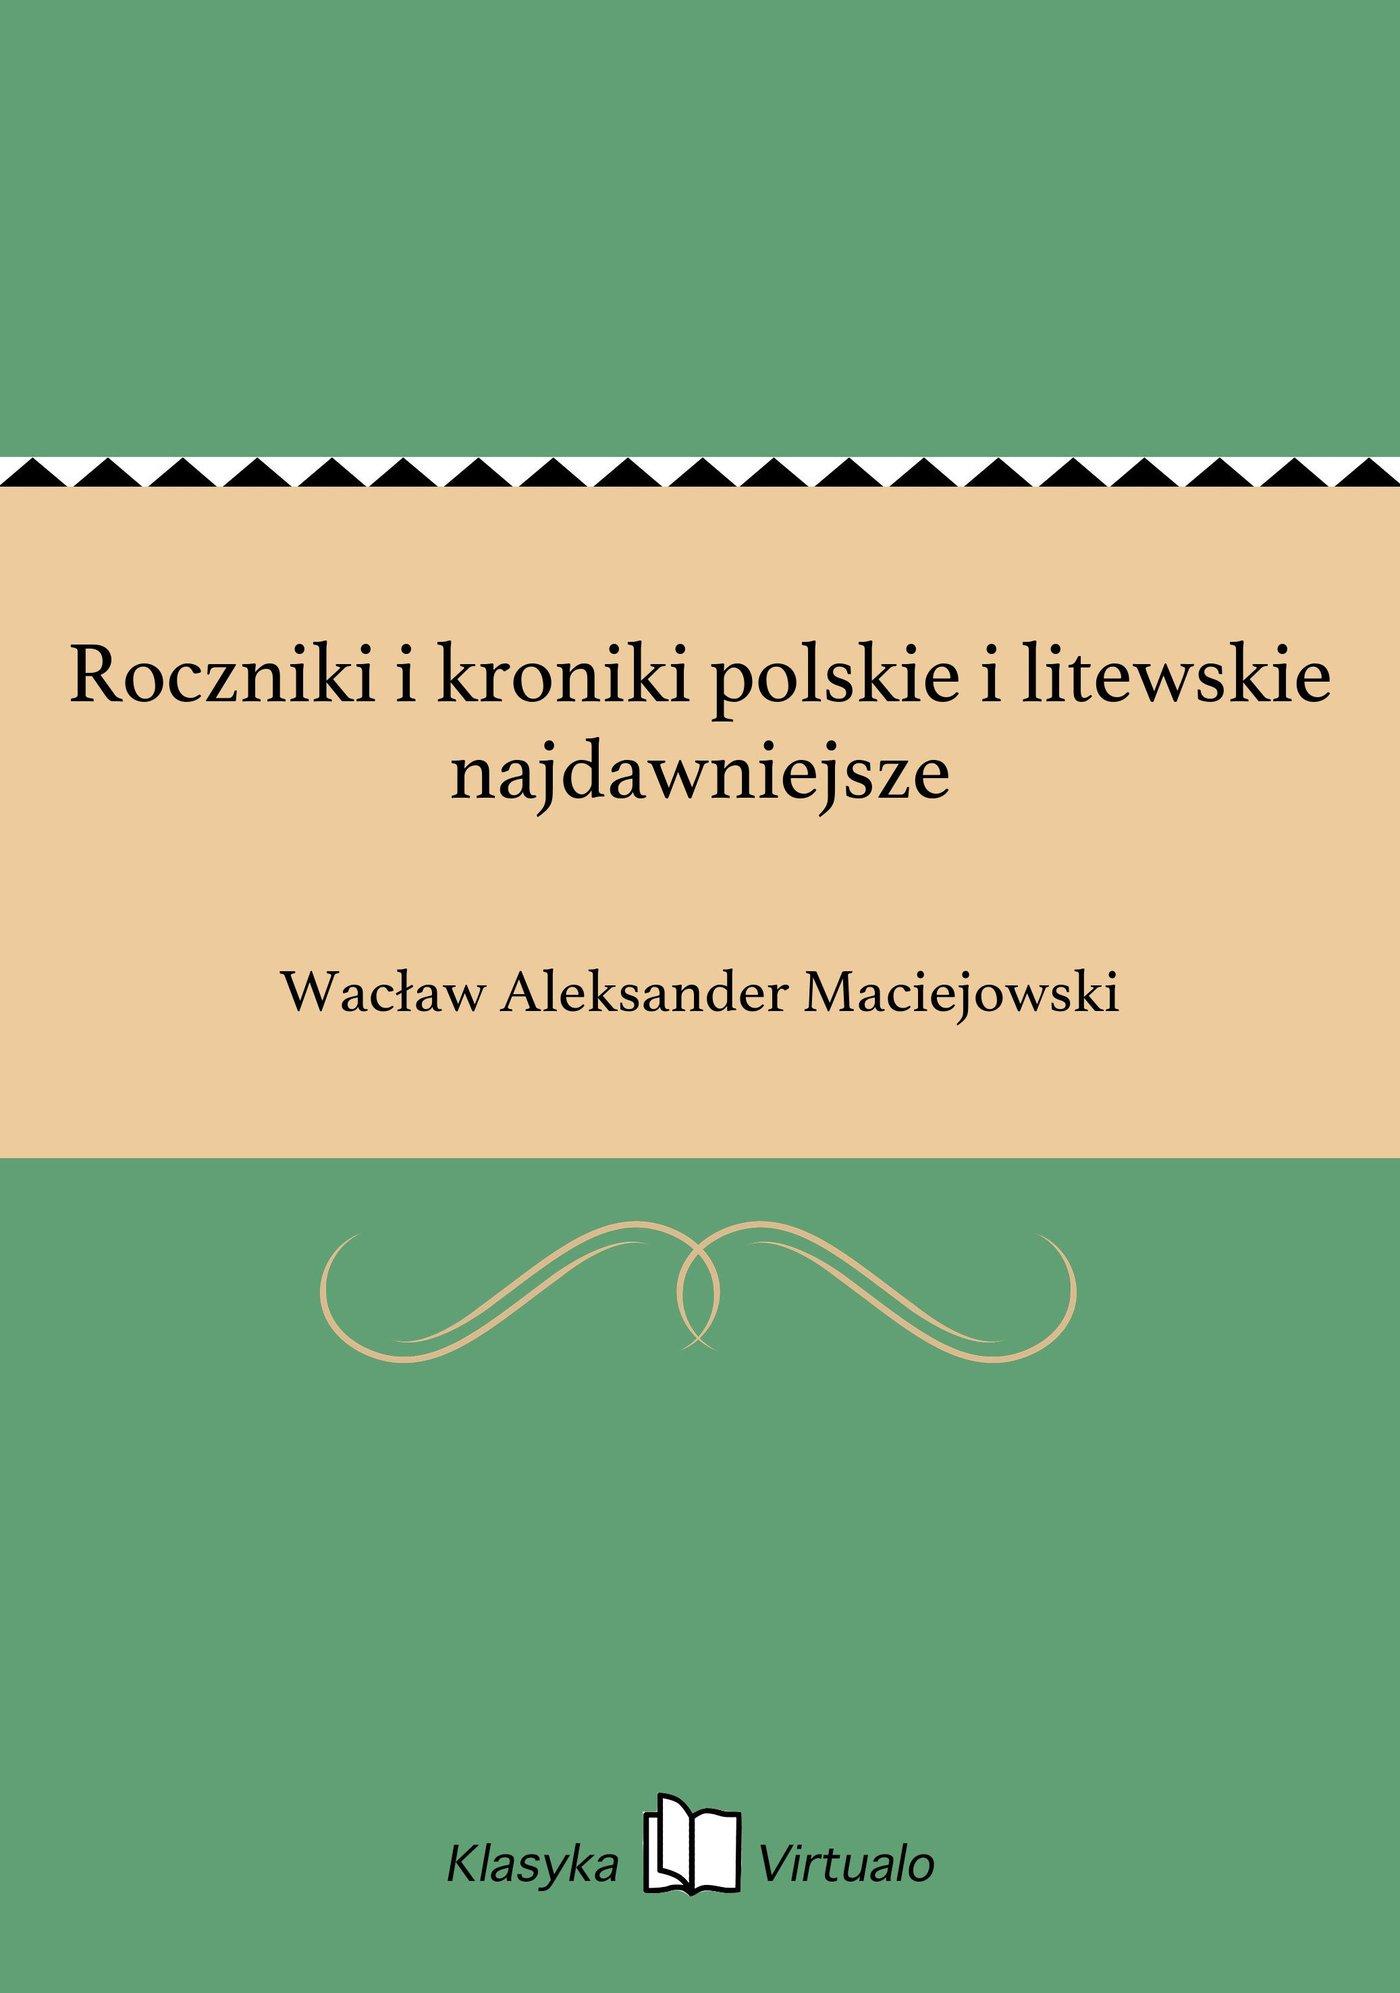 Roczniki i kroniki polskie i litewskie najdawniejsze - Ebook (Książka na Kindle) do pobrania w formacie MOBI